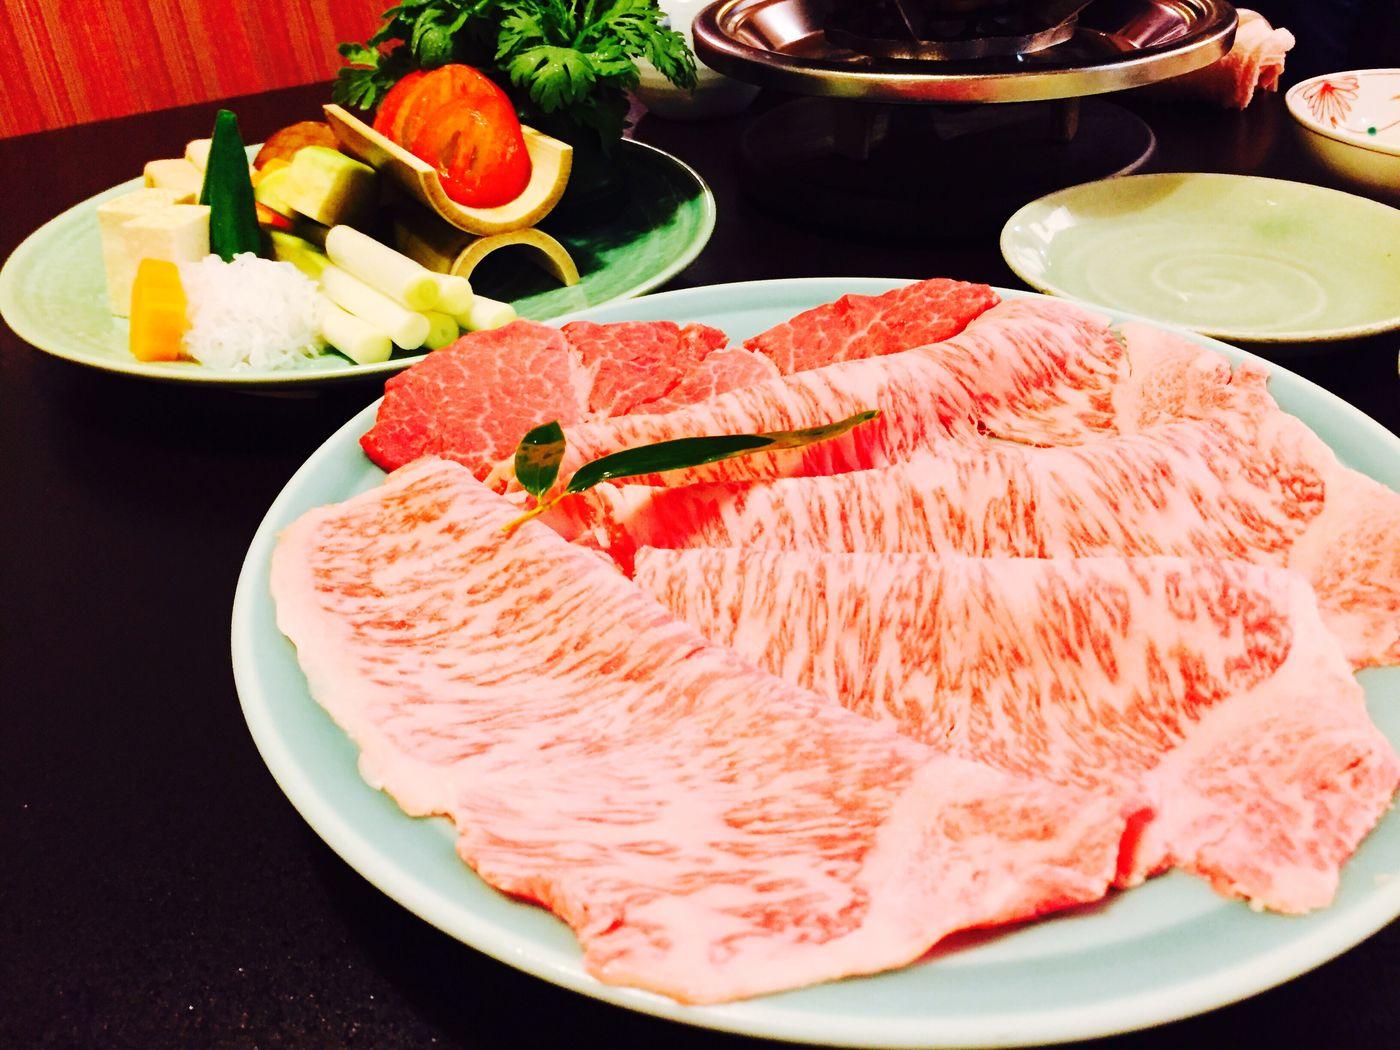 Meat! Meat! Meat! Meat Dinner Ueno Yummy! KurogeWagyu